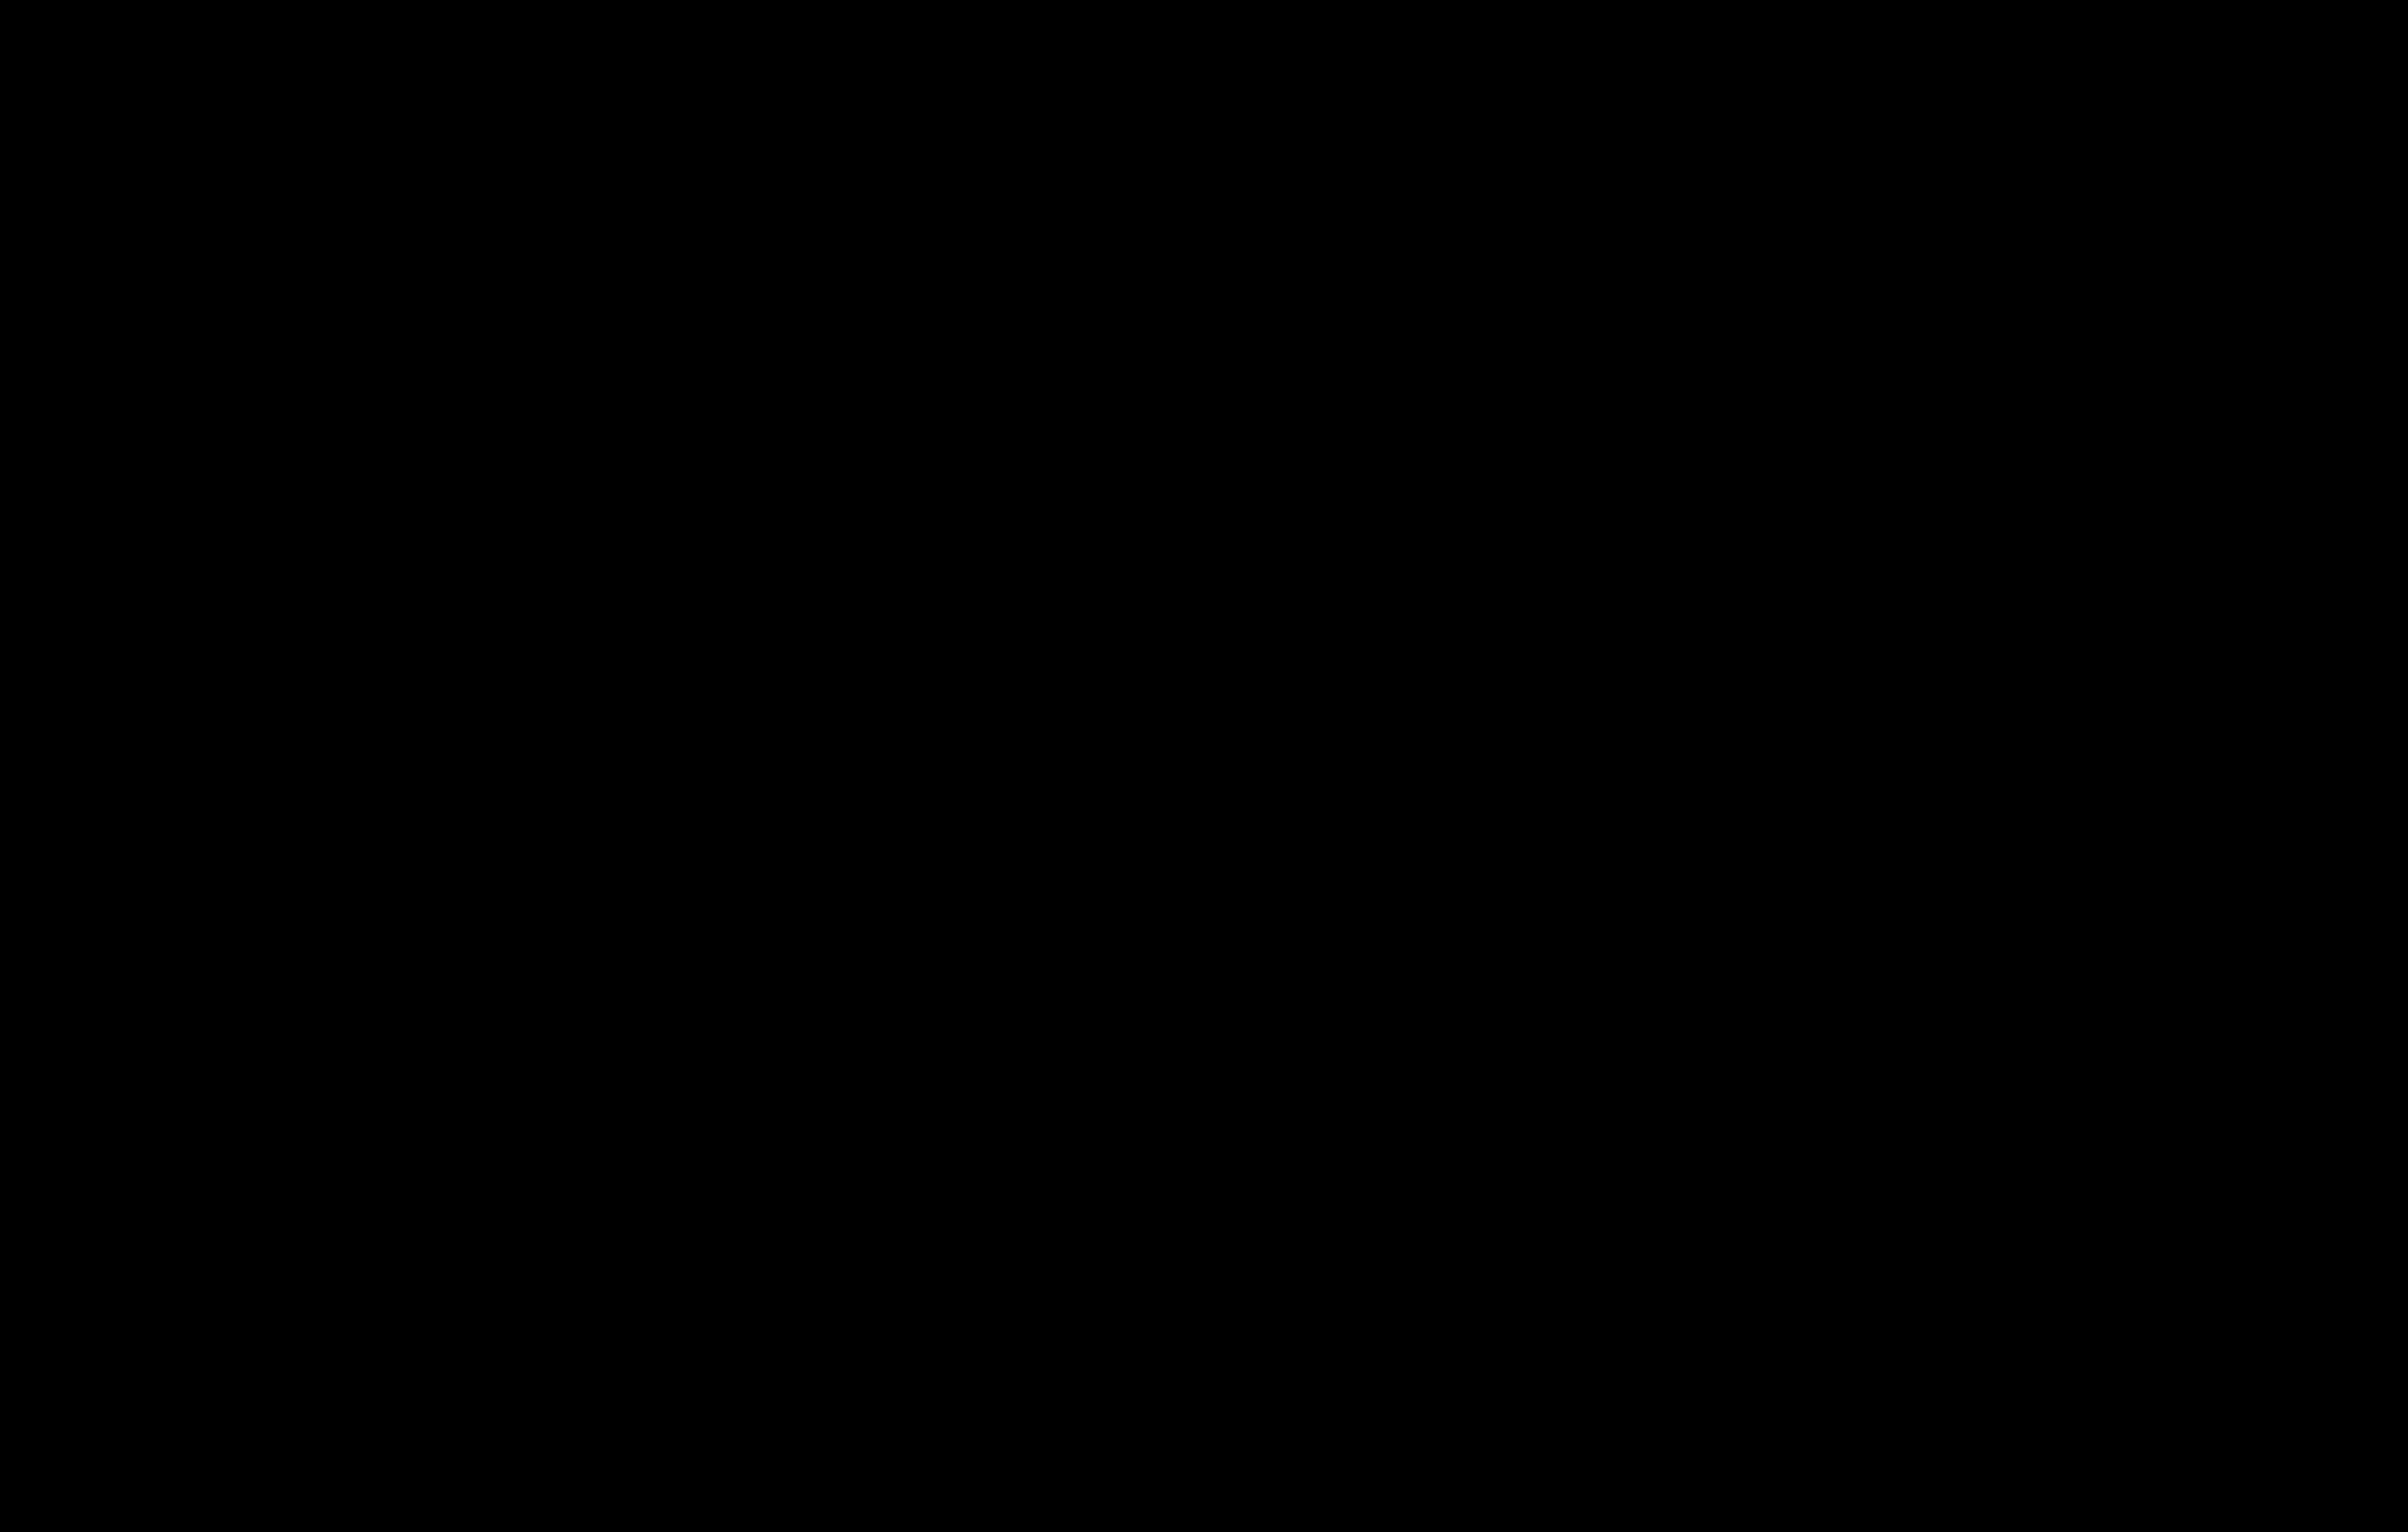 UngNannestad sin logo og animasjon på nettbrett